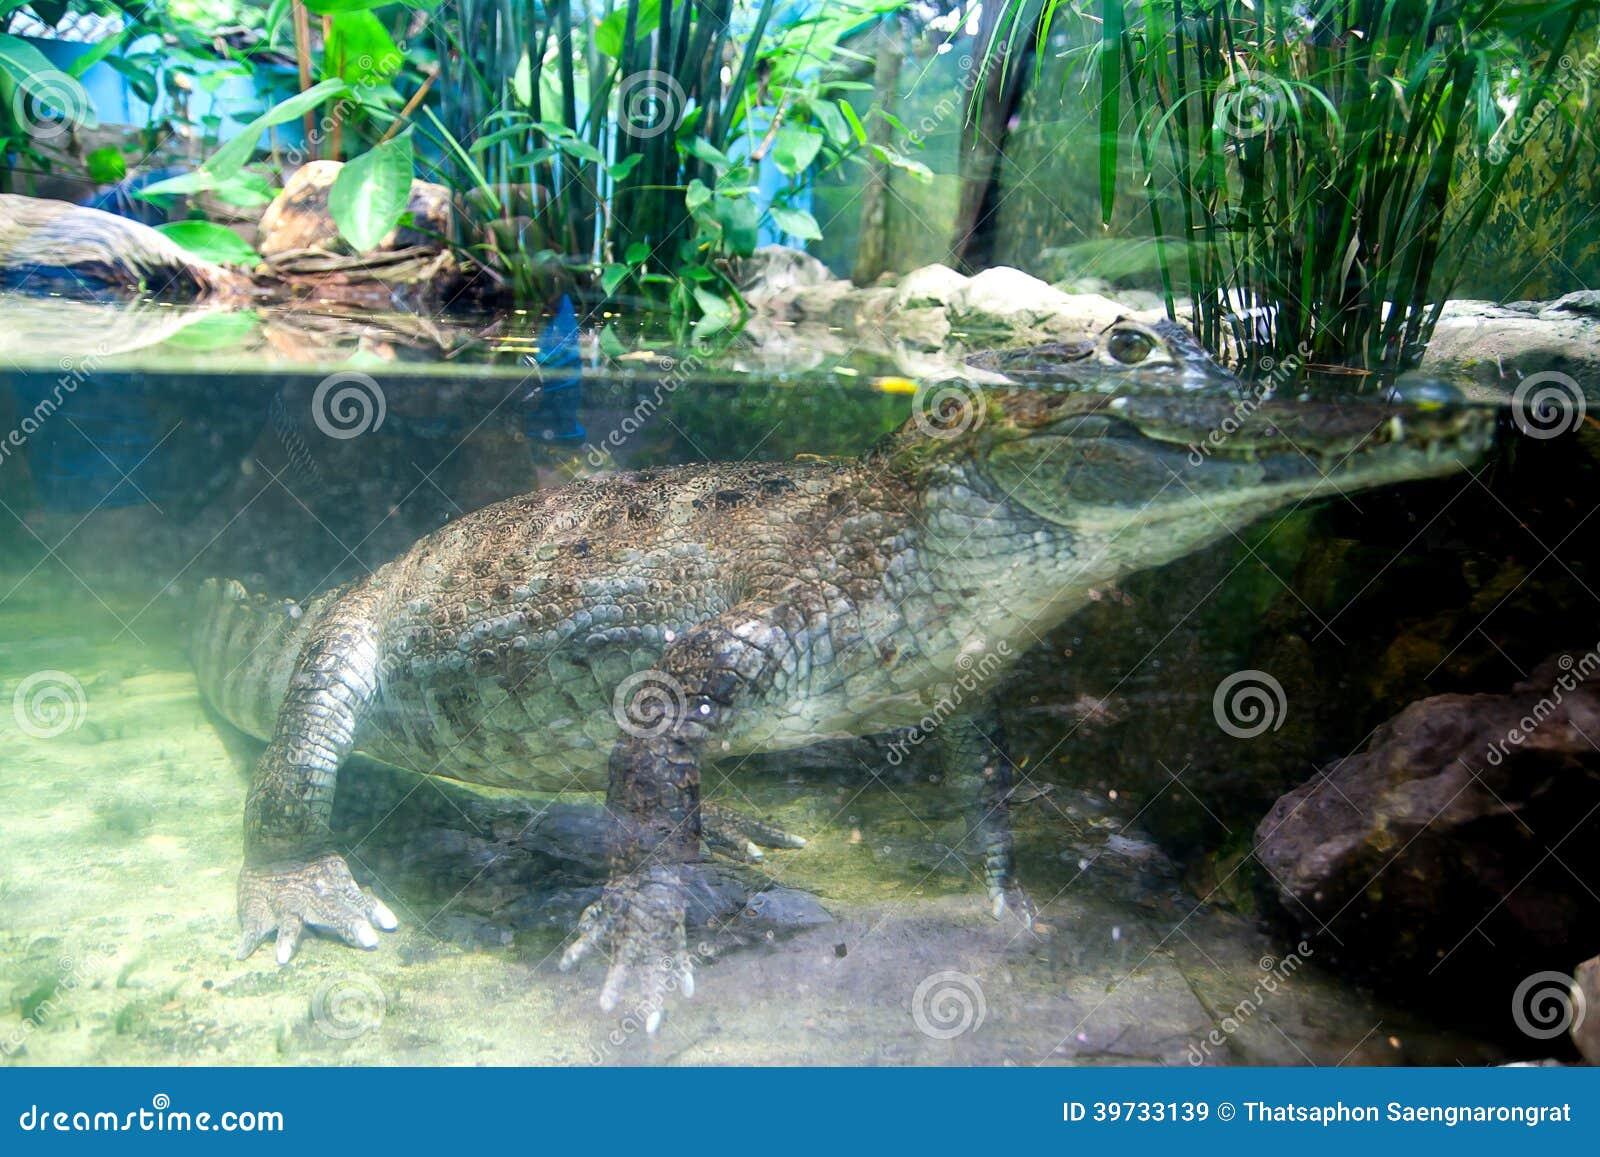 Coccodrillo subacqueo